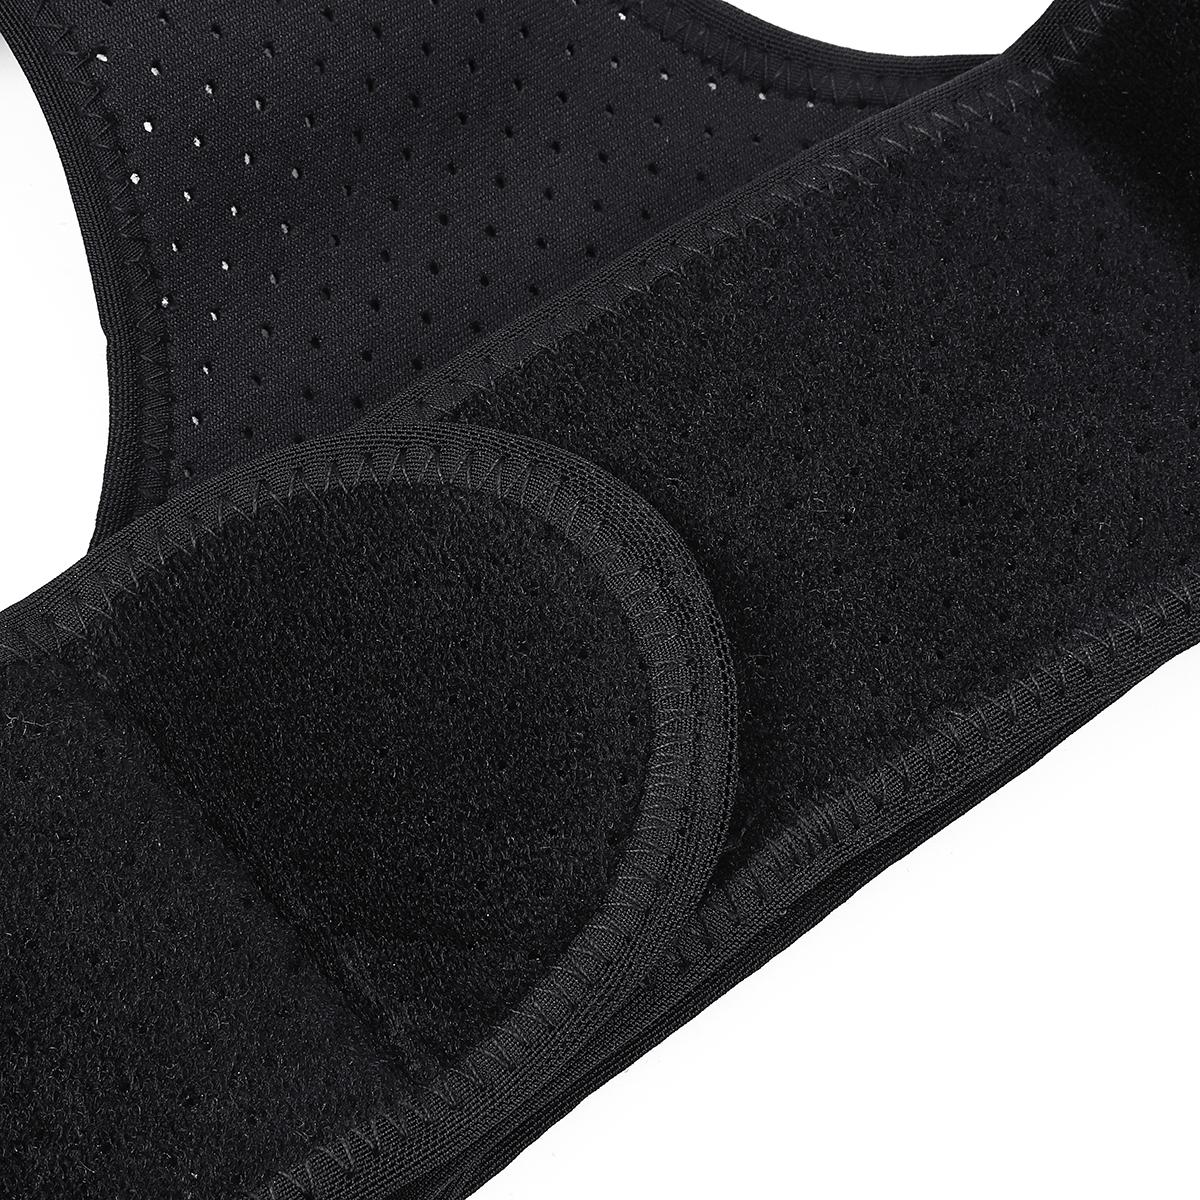 6 Type Back Posture Brace Belt Shoulder Support Corrector